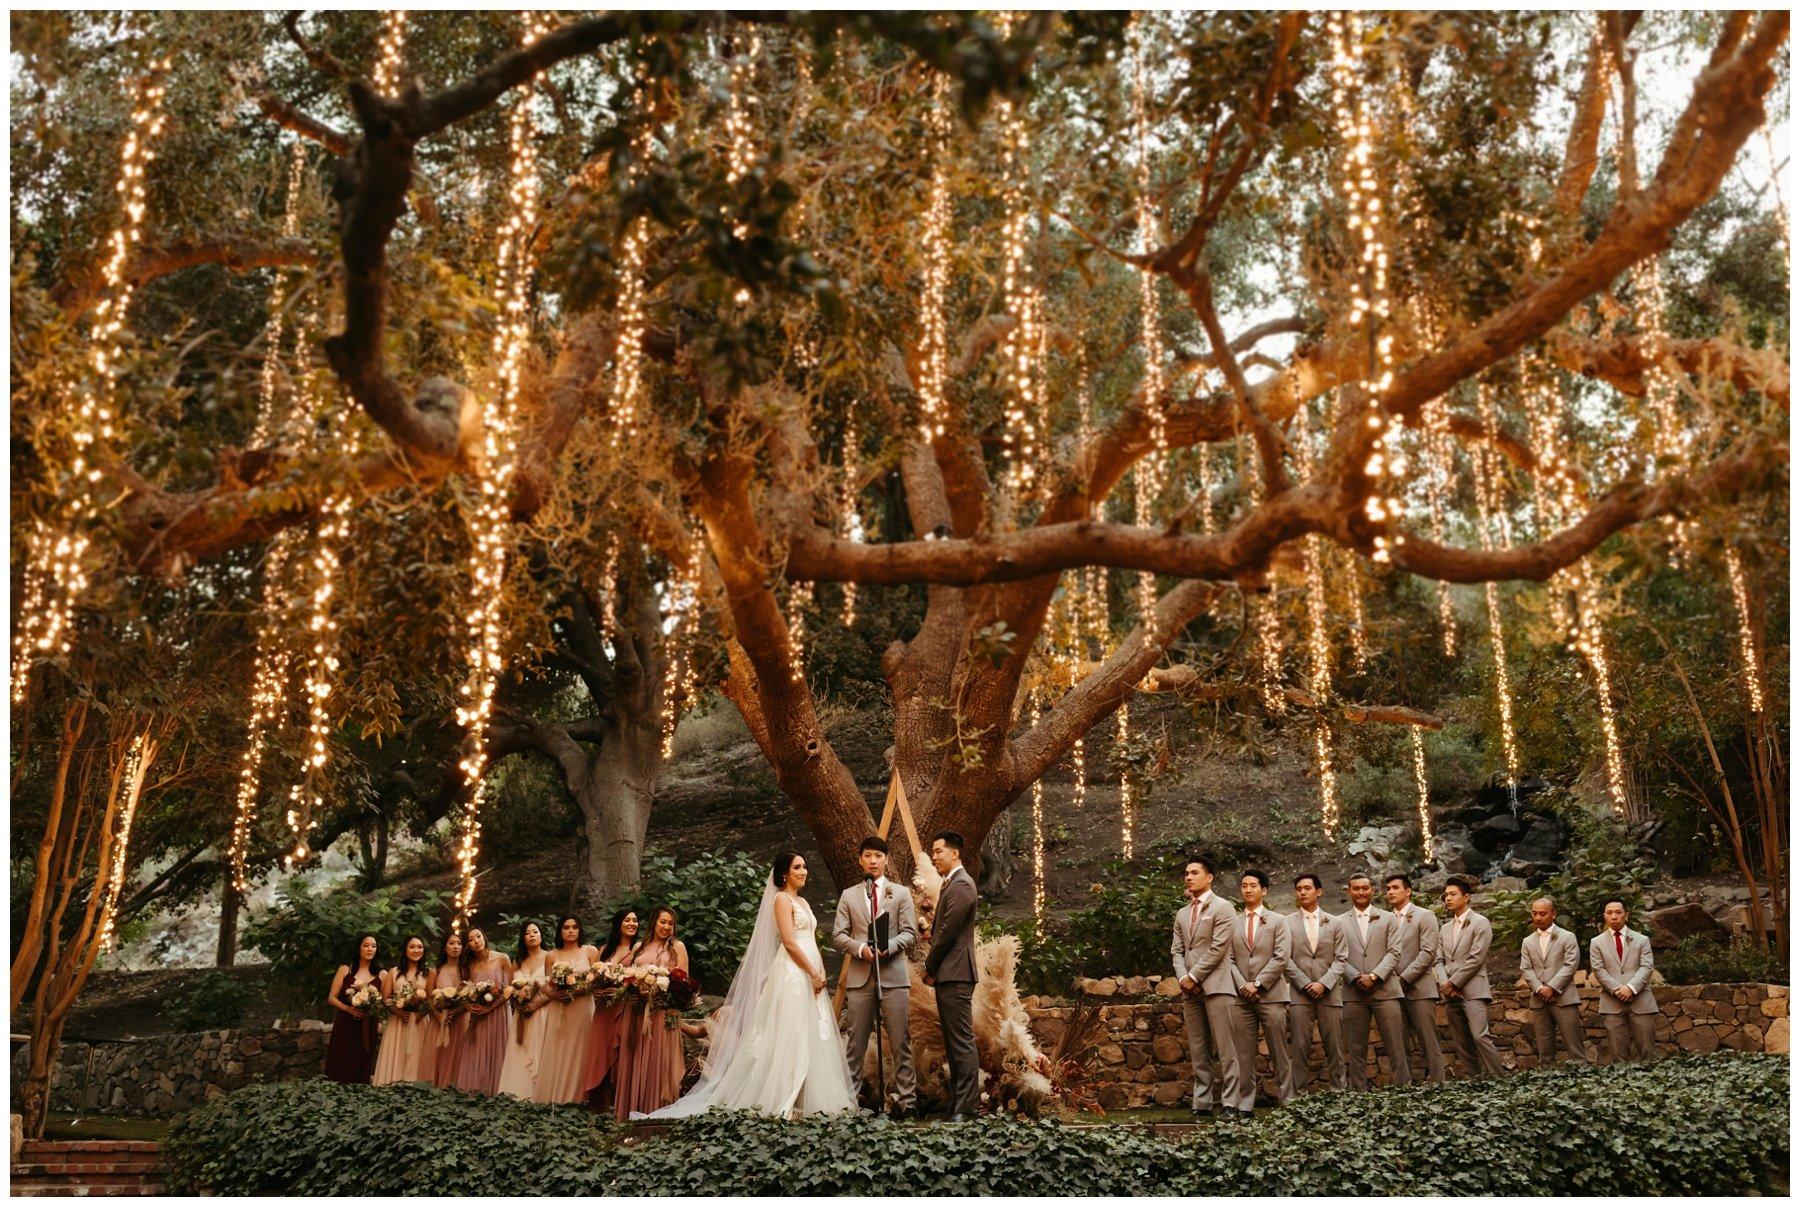 Boho romantic wedding ceremony at calamigos ranch